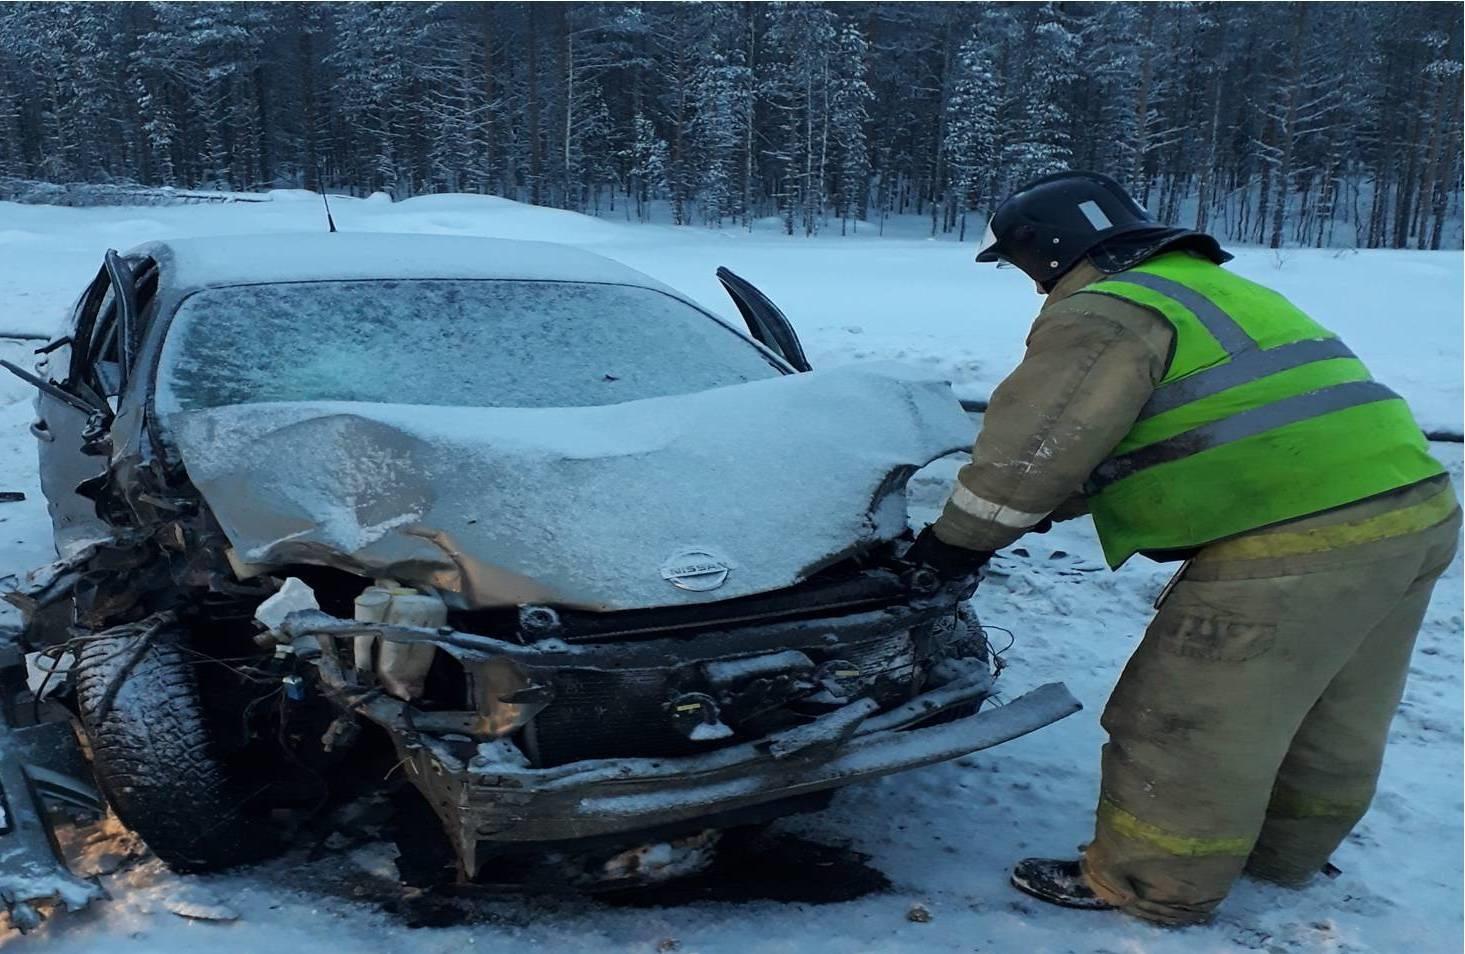 Пожарно-спасательное подразделение привлекалось для ликвидации ДТП в г. Петрозаводске.